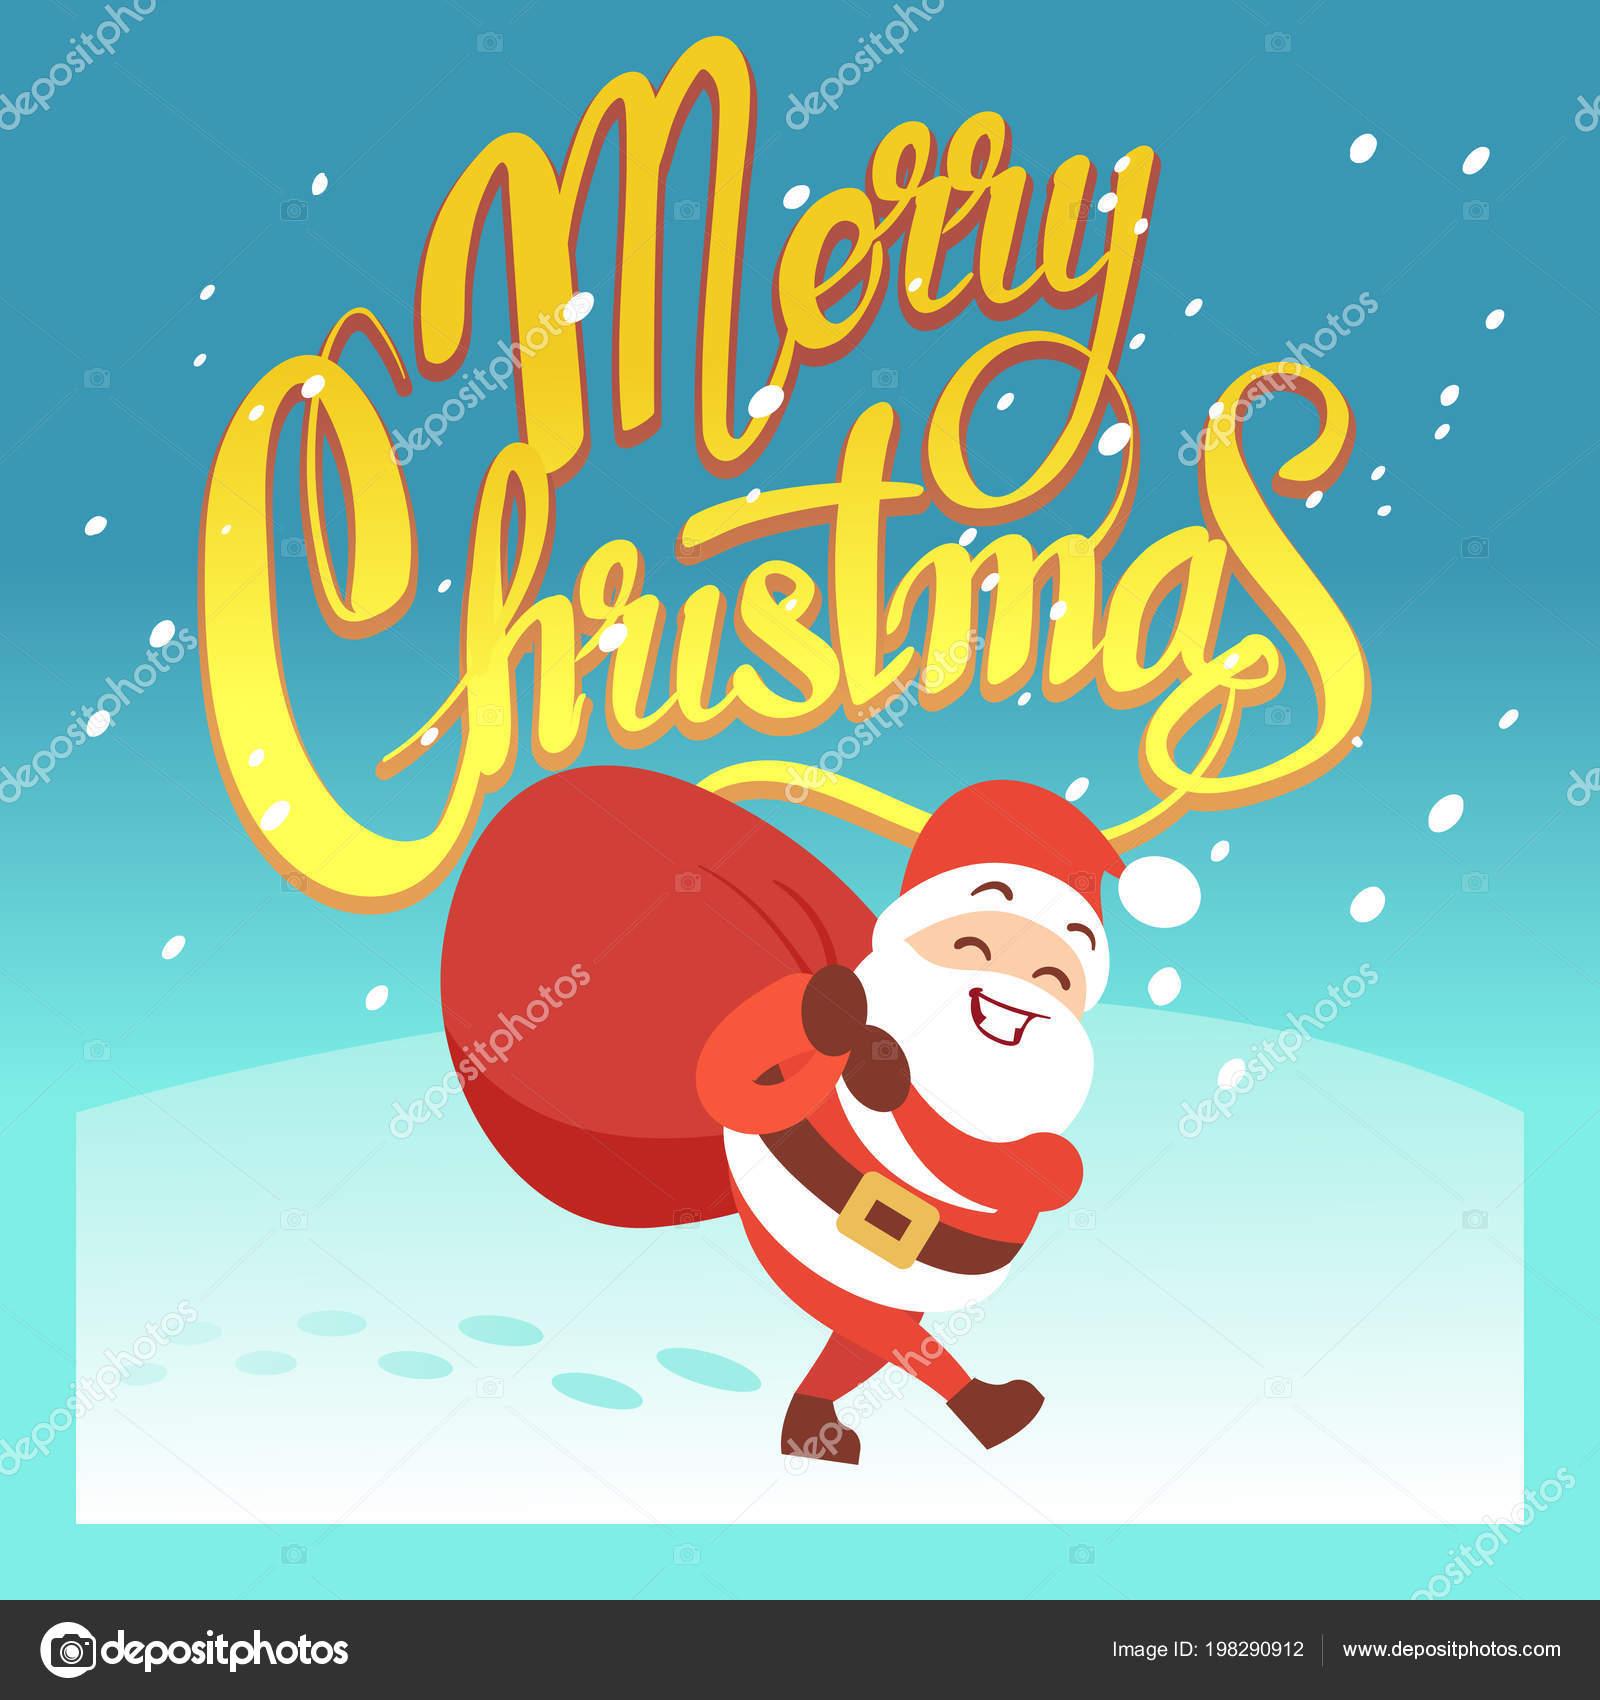 Frohe Weihnachten Lustige Bilder.Frohe Weihnachten Vektor Grusskarte Oder Einladung Mit